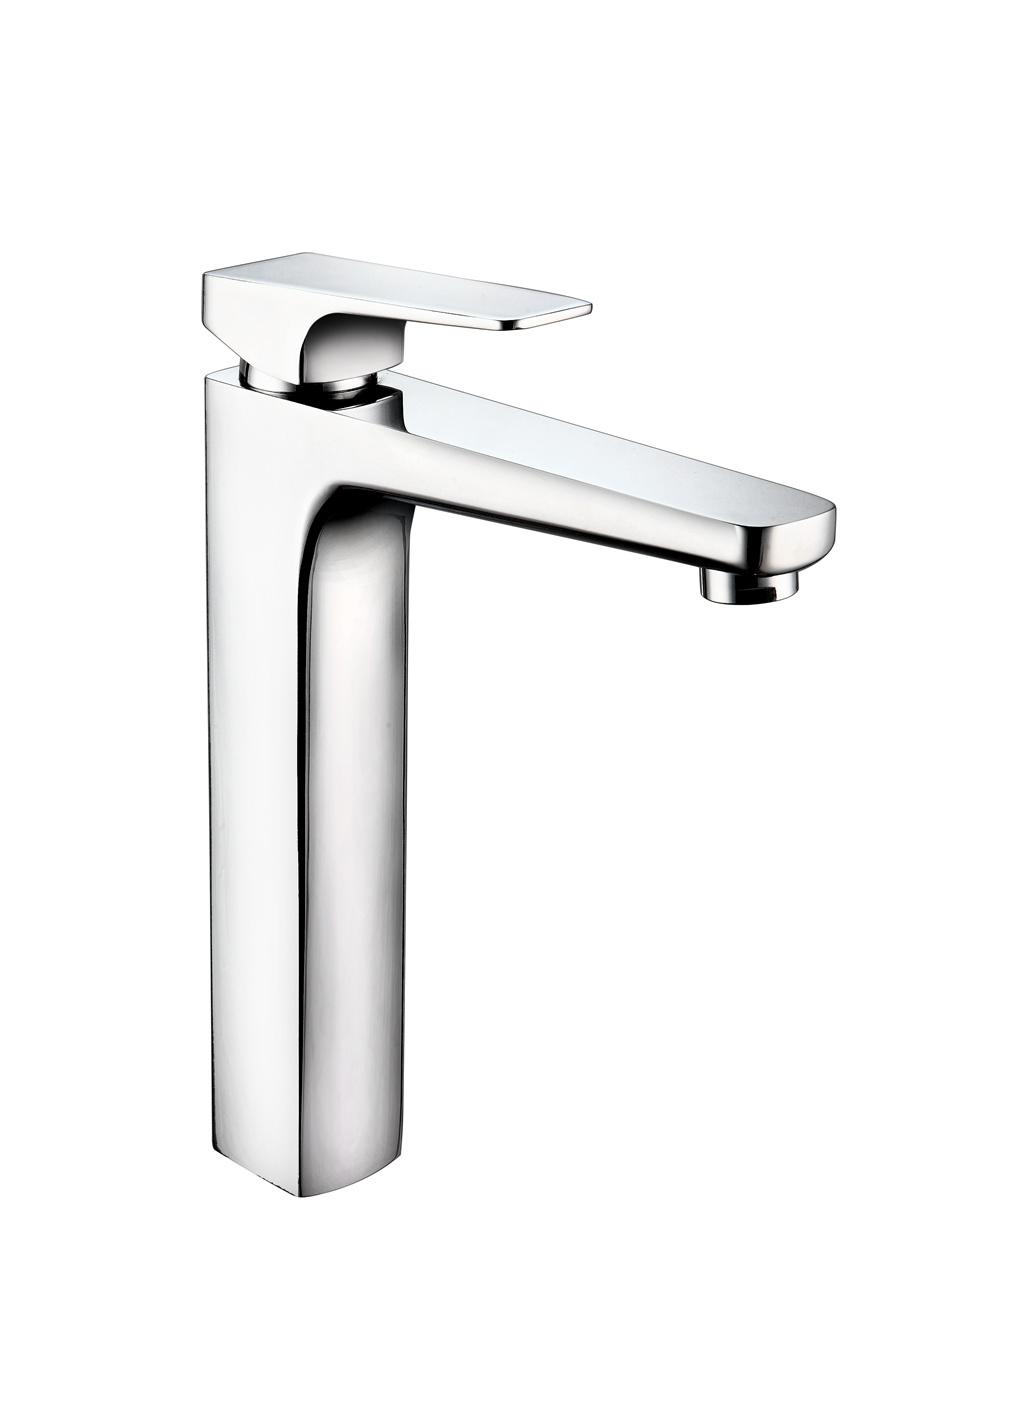 3805-102: Basin faucet